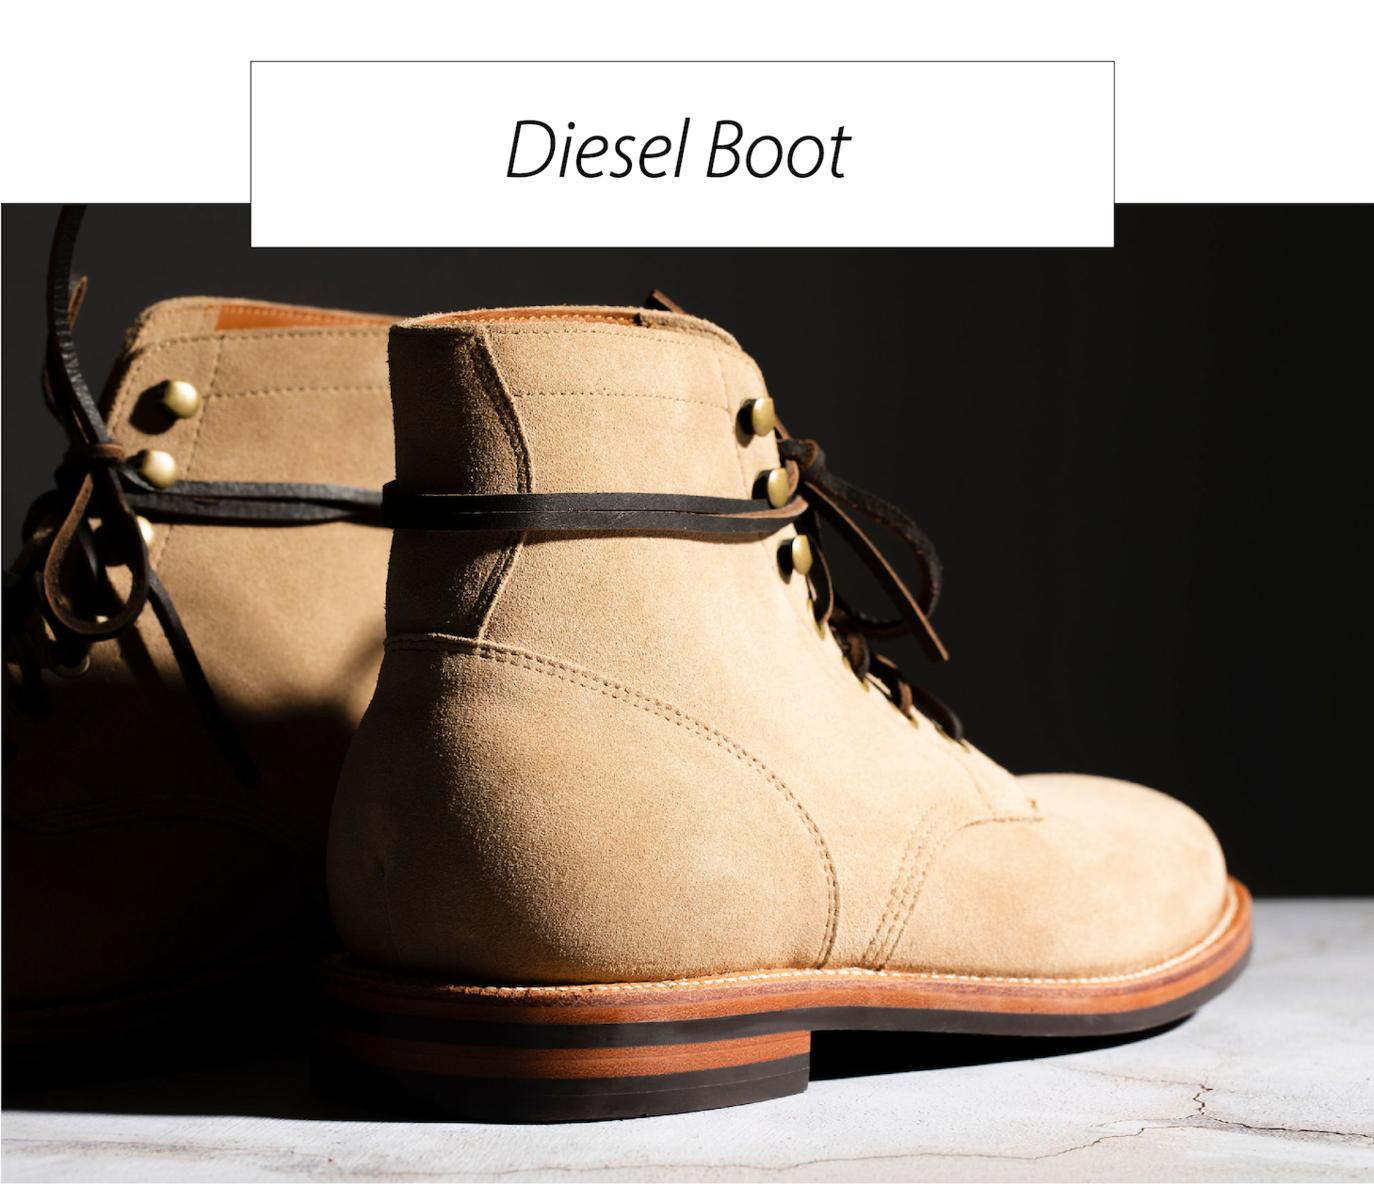 Diesel-01.png